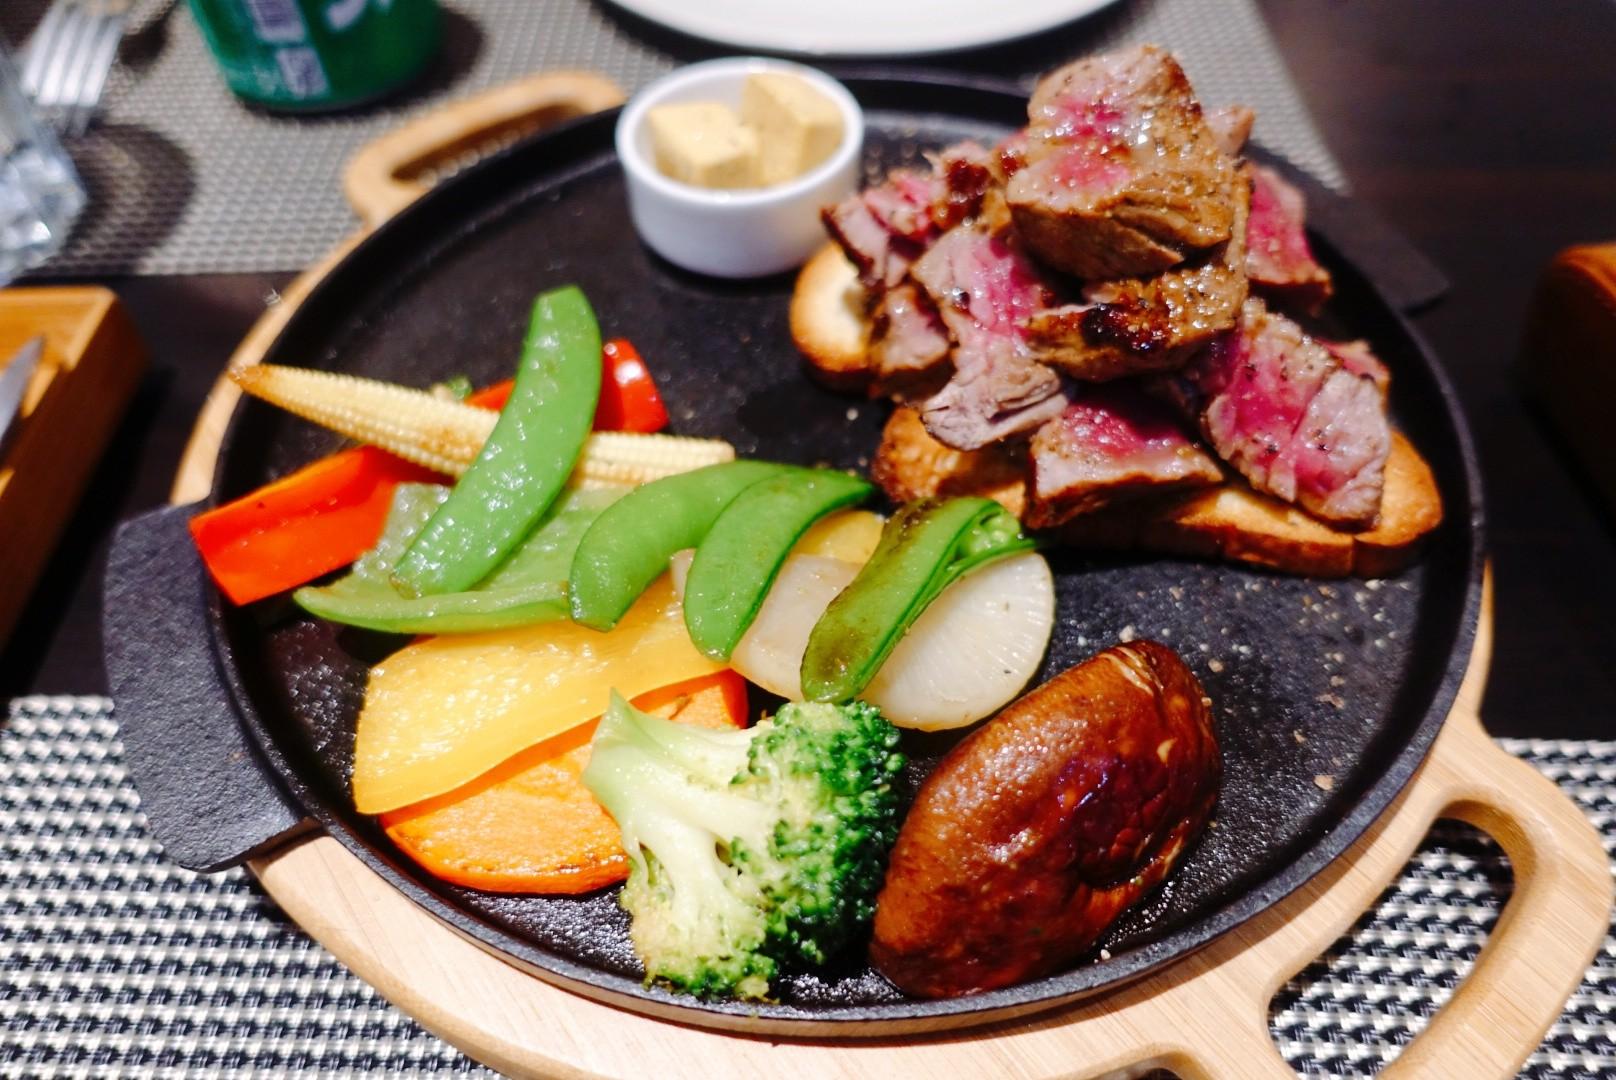 【花蓮市區】Restaurant Barcelona|西班牙料理融合在地特色的剝皮辣椒佐山豬肉寬麵,既含創意又超美味